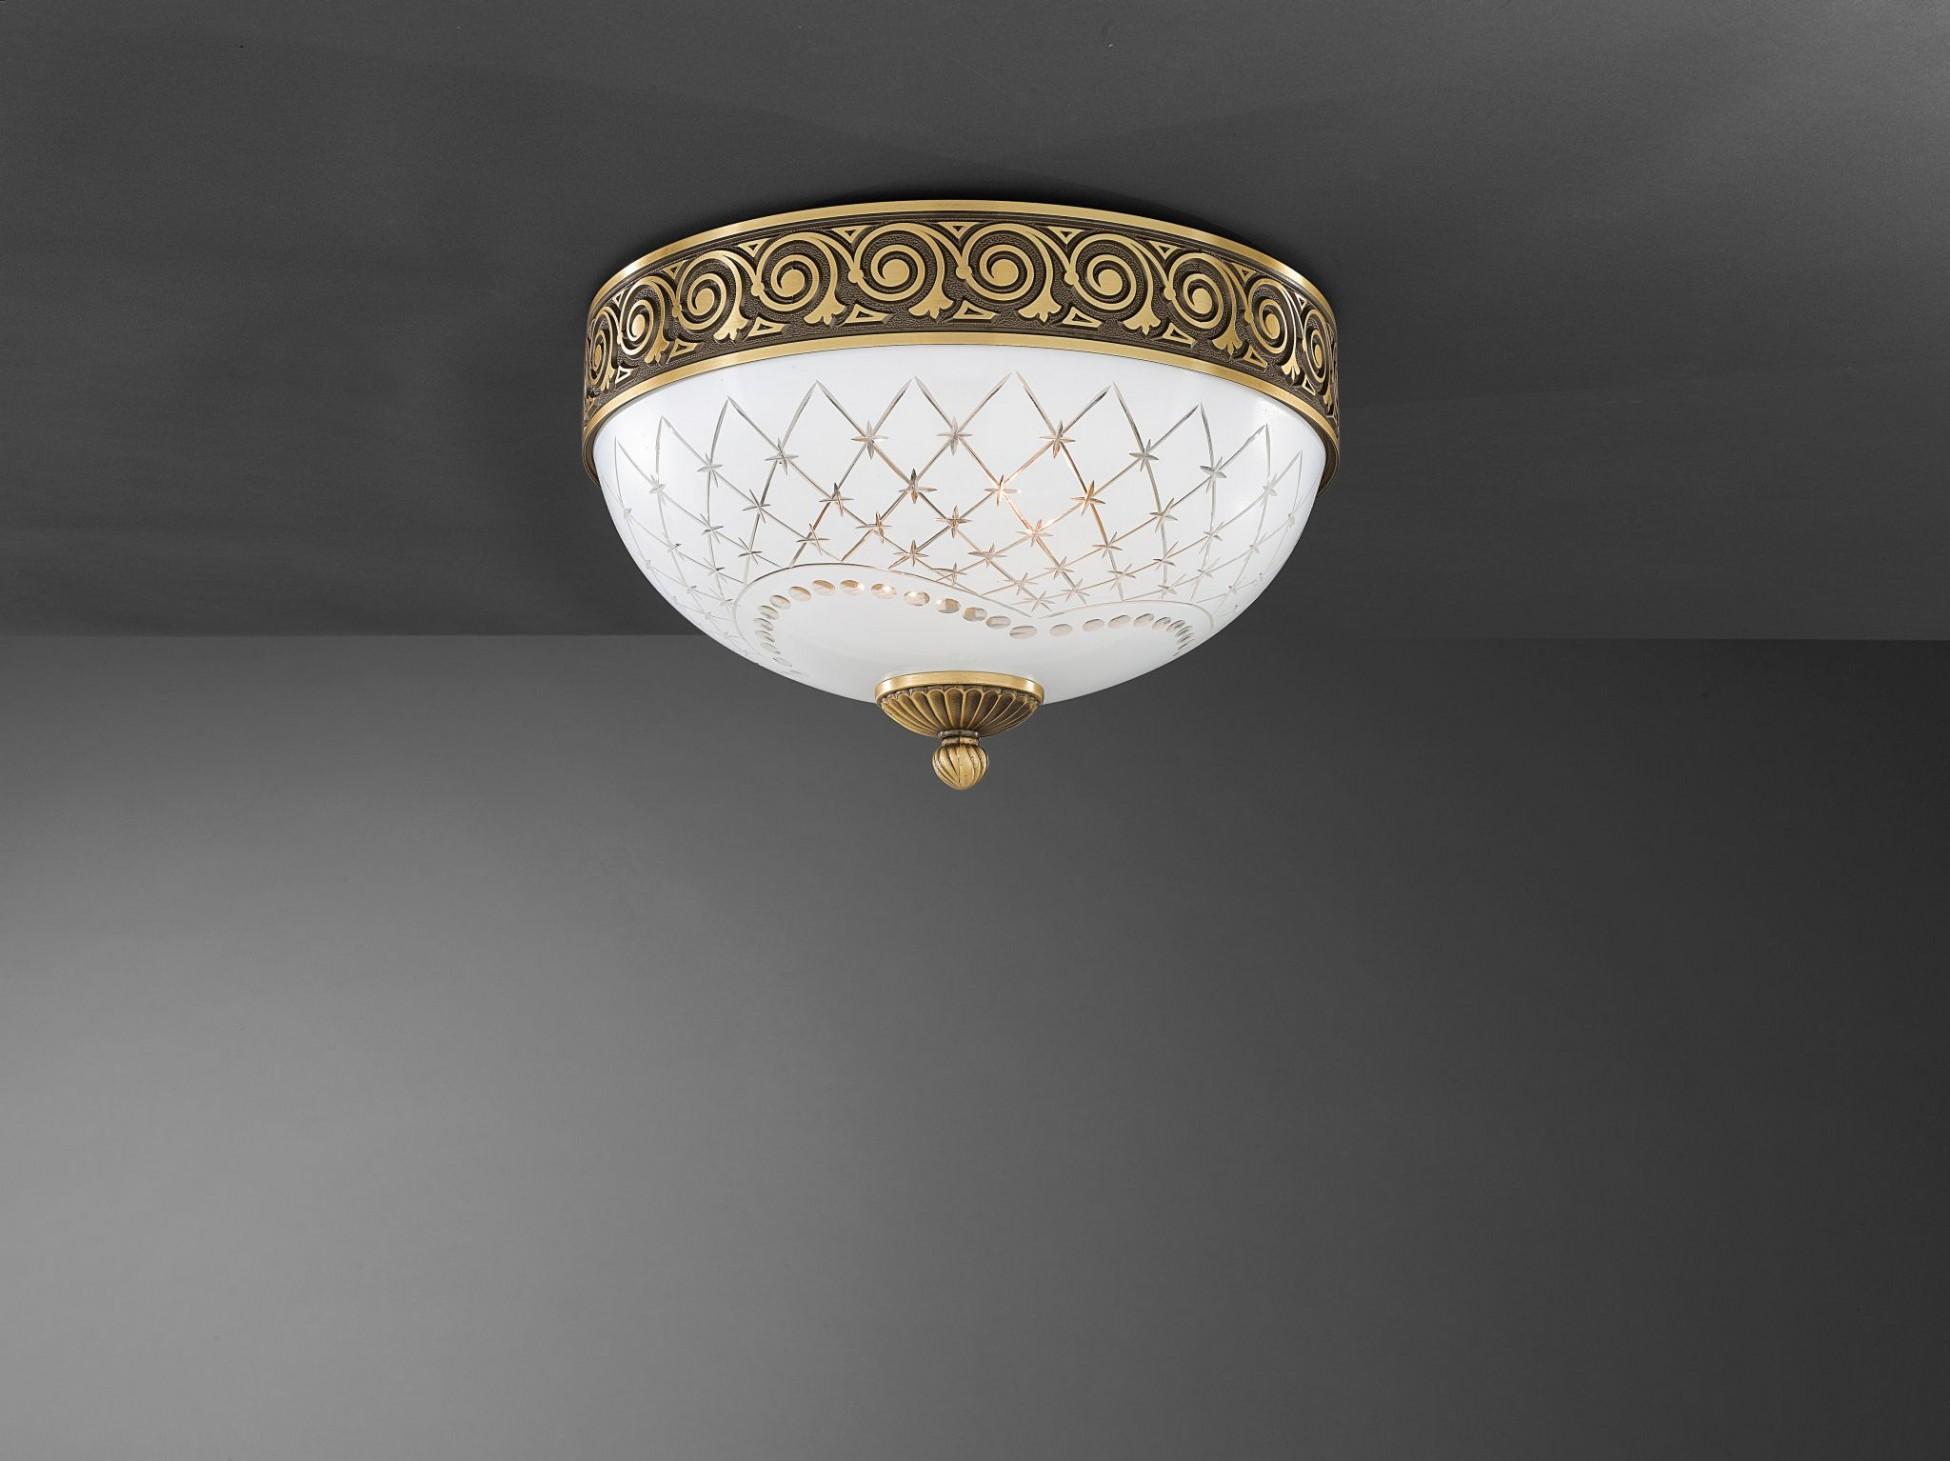 Plafoniere Ottone E Vetro : Plafoniera in ottone e vetro bianco molato 2 luci 30 cm reccagni store